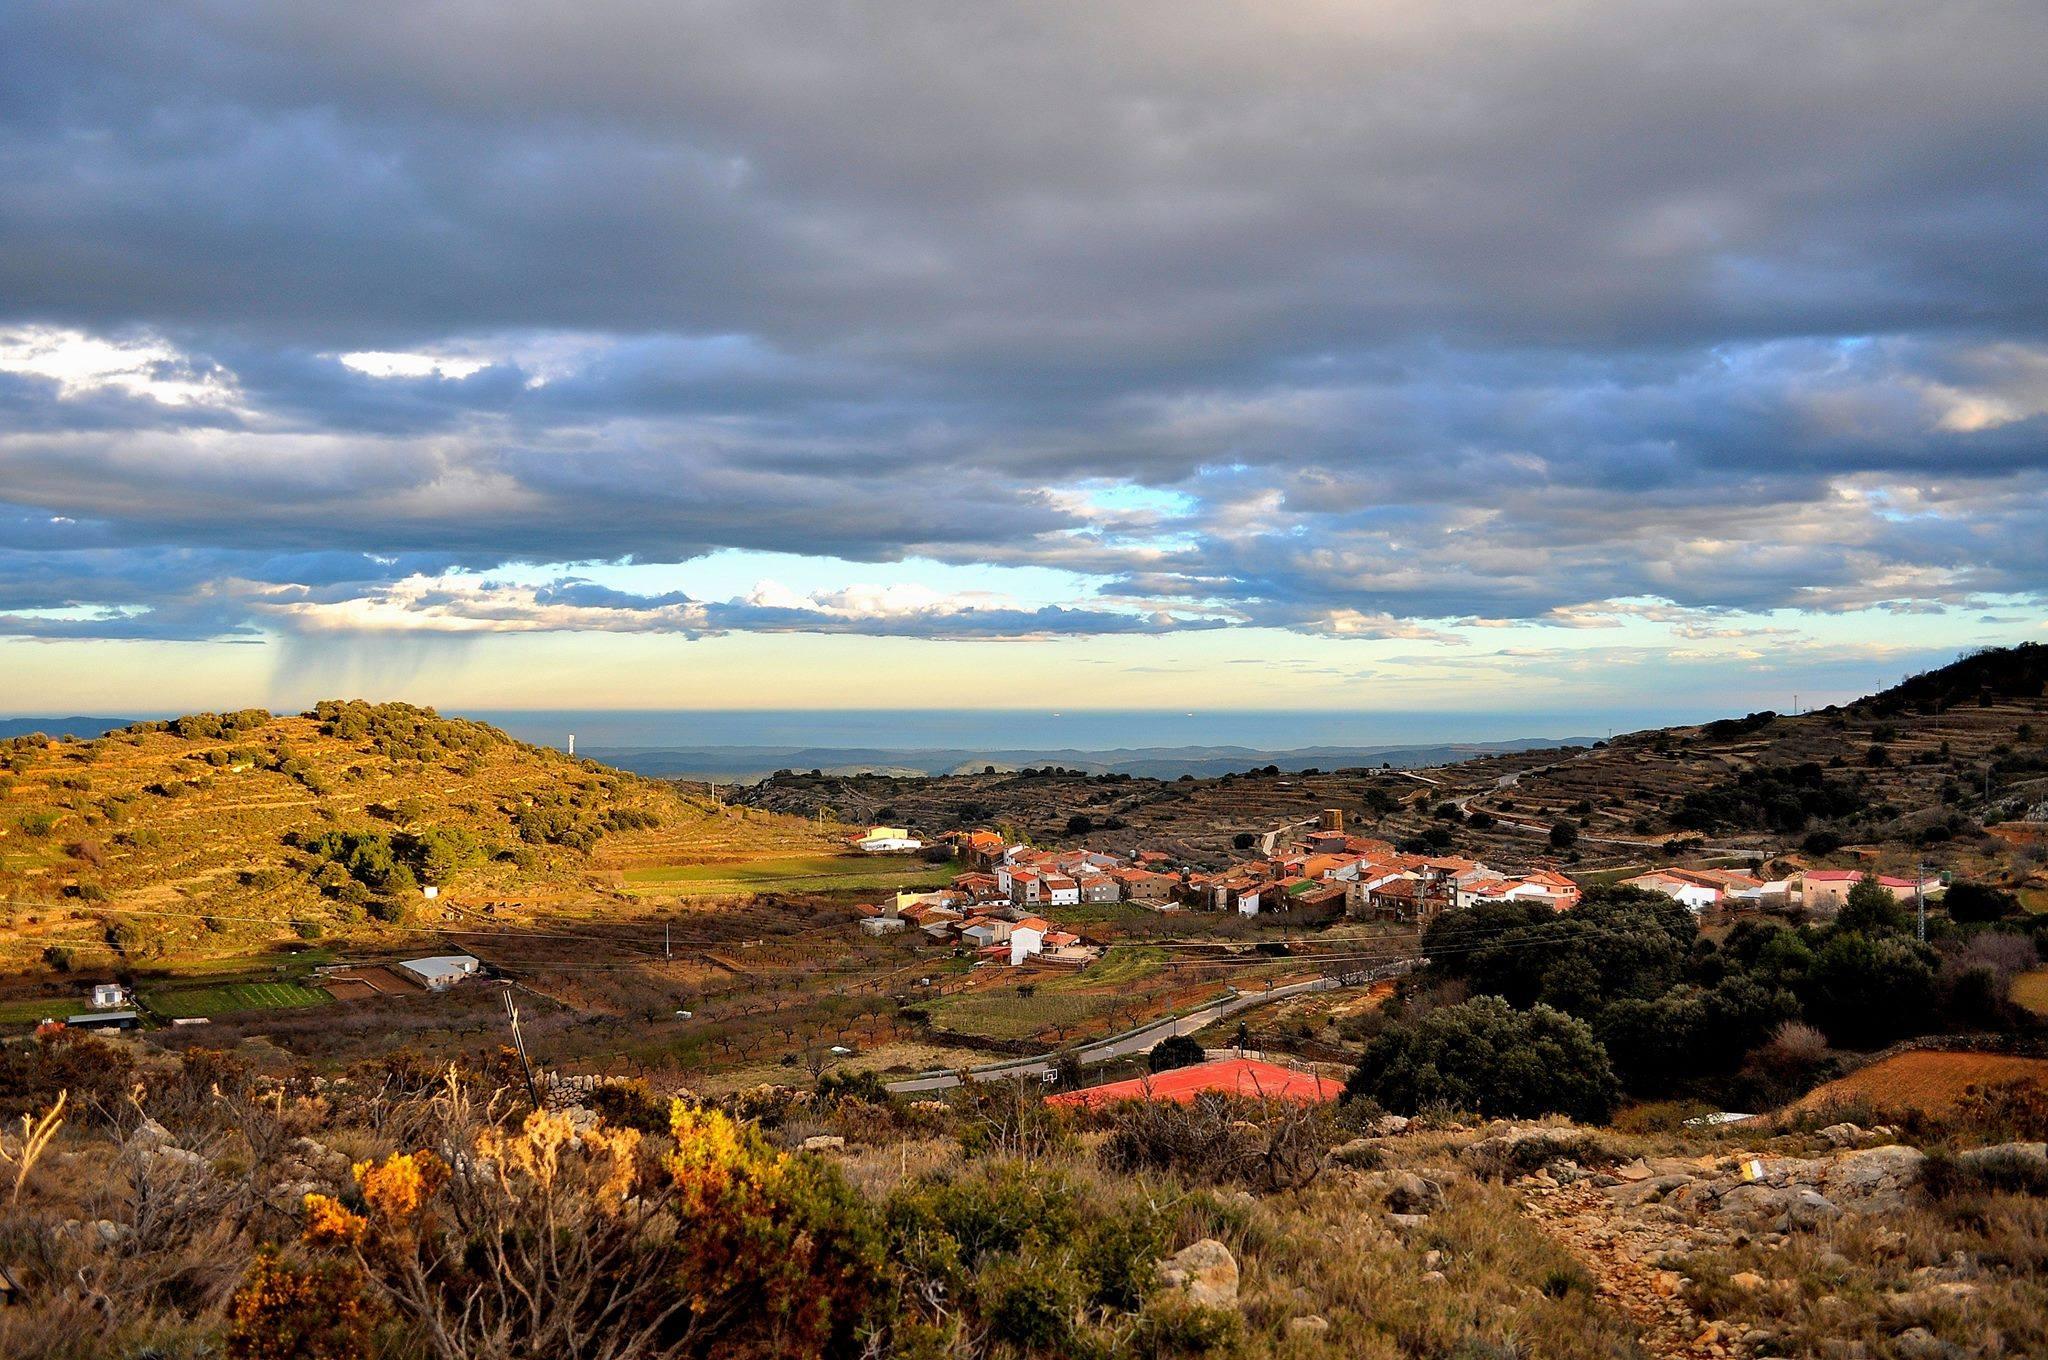 Vista de La Serratella